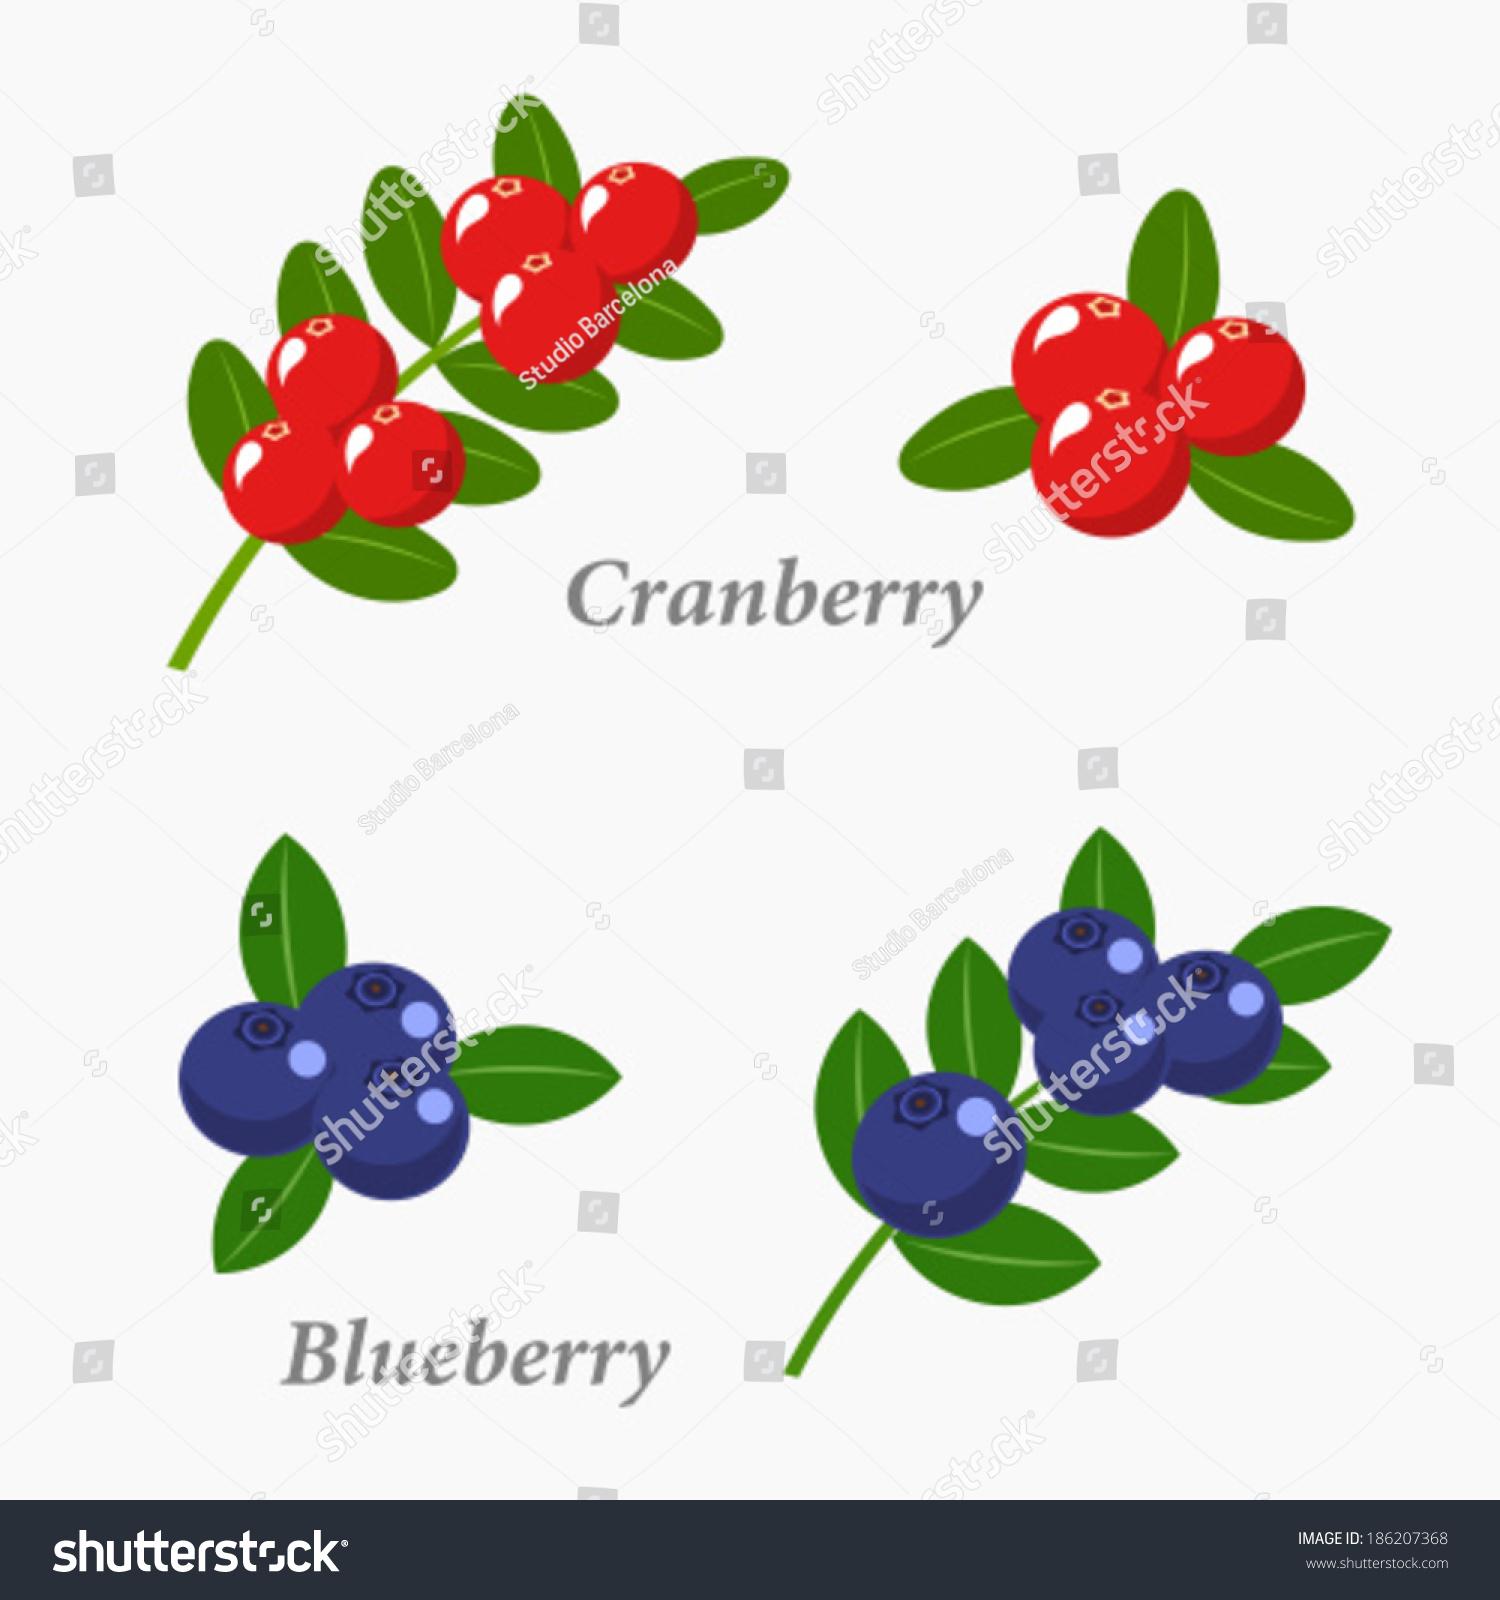 小红莓和蓝莓.浆果的水果矢量图-食品及饮料,自然-()